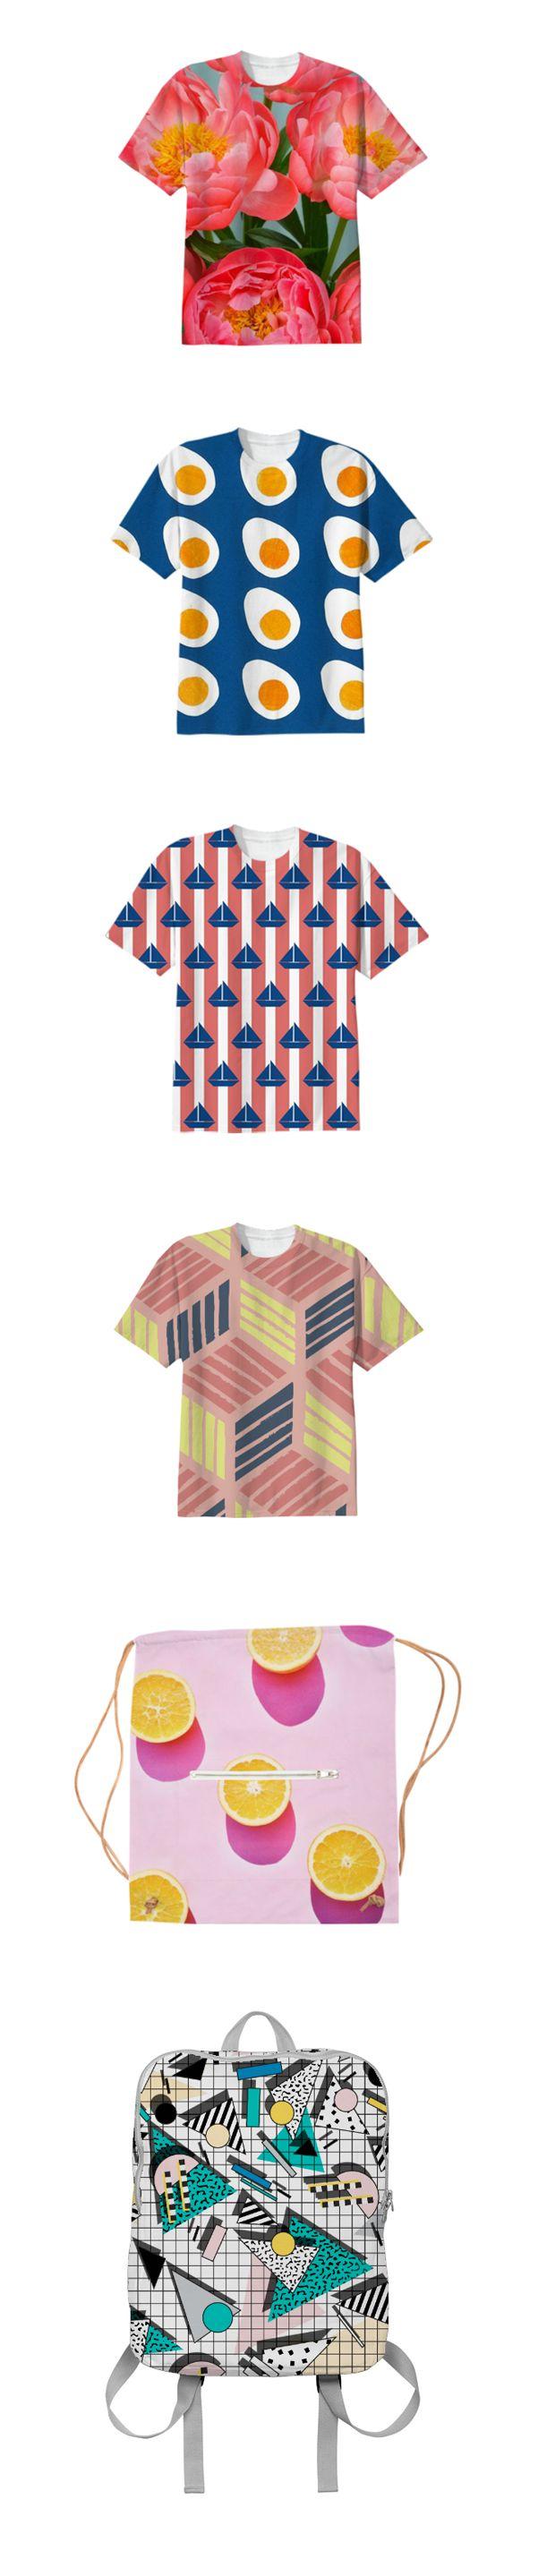 Print All Over Me. Un sitio donde puedes imprimir o vender tus diseños en cualquier prenda. DIY.